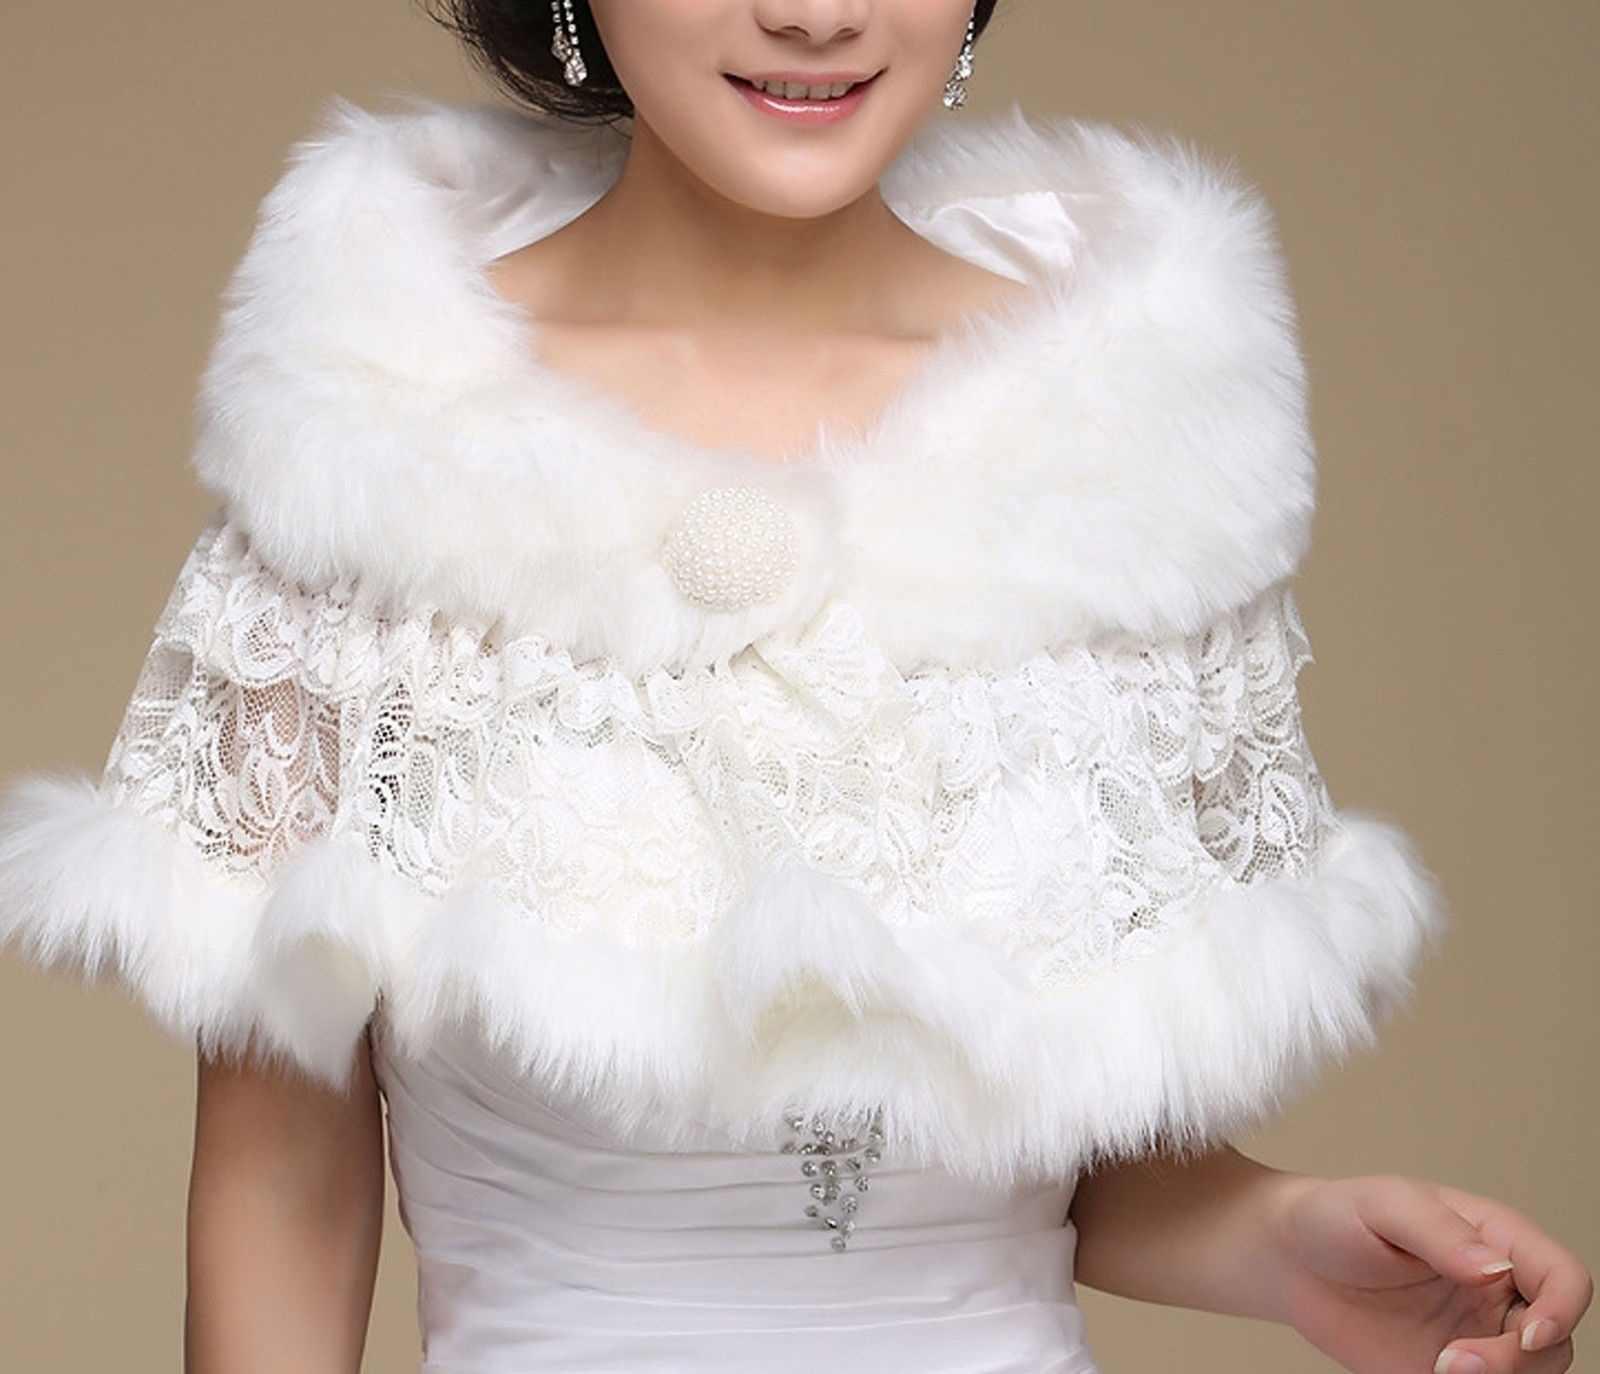 สีขาวชั้นดอกไม้ลูกไม้ Faux Fur เจ้าสาวงานแต่งงาน Cape Shrug Bolero Wrap